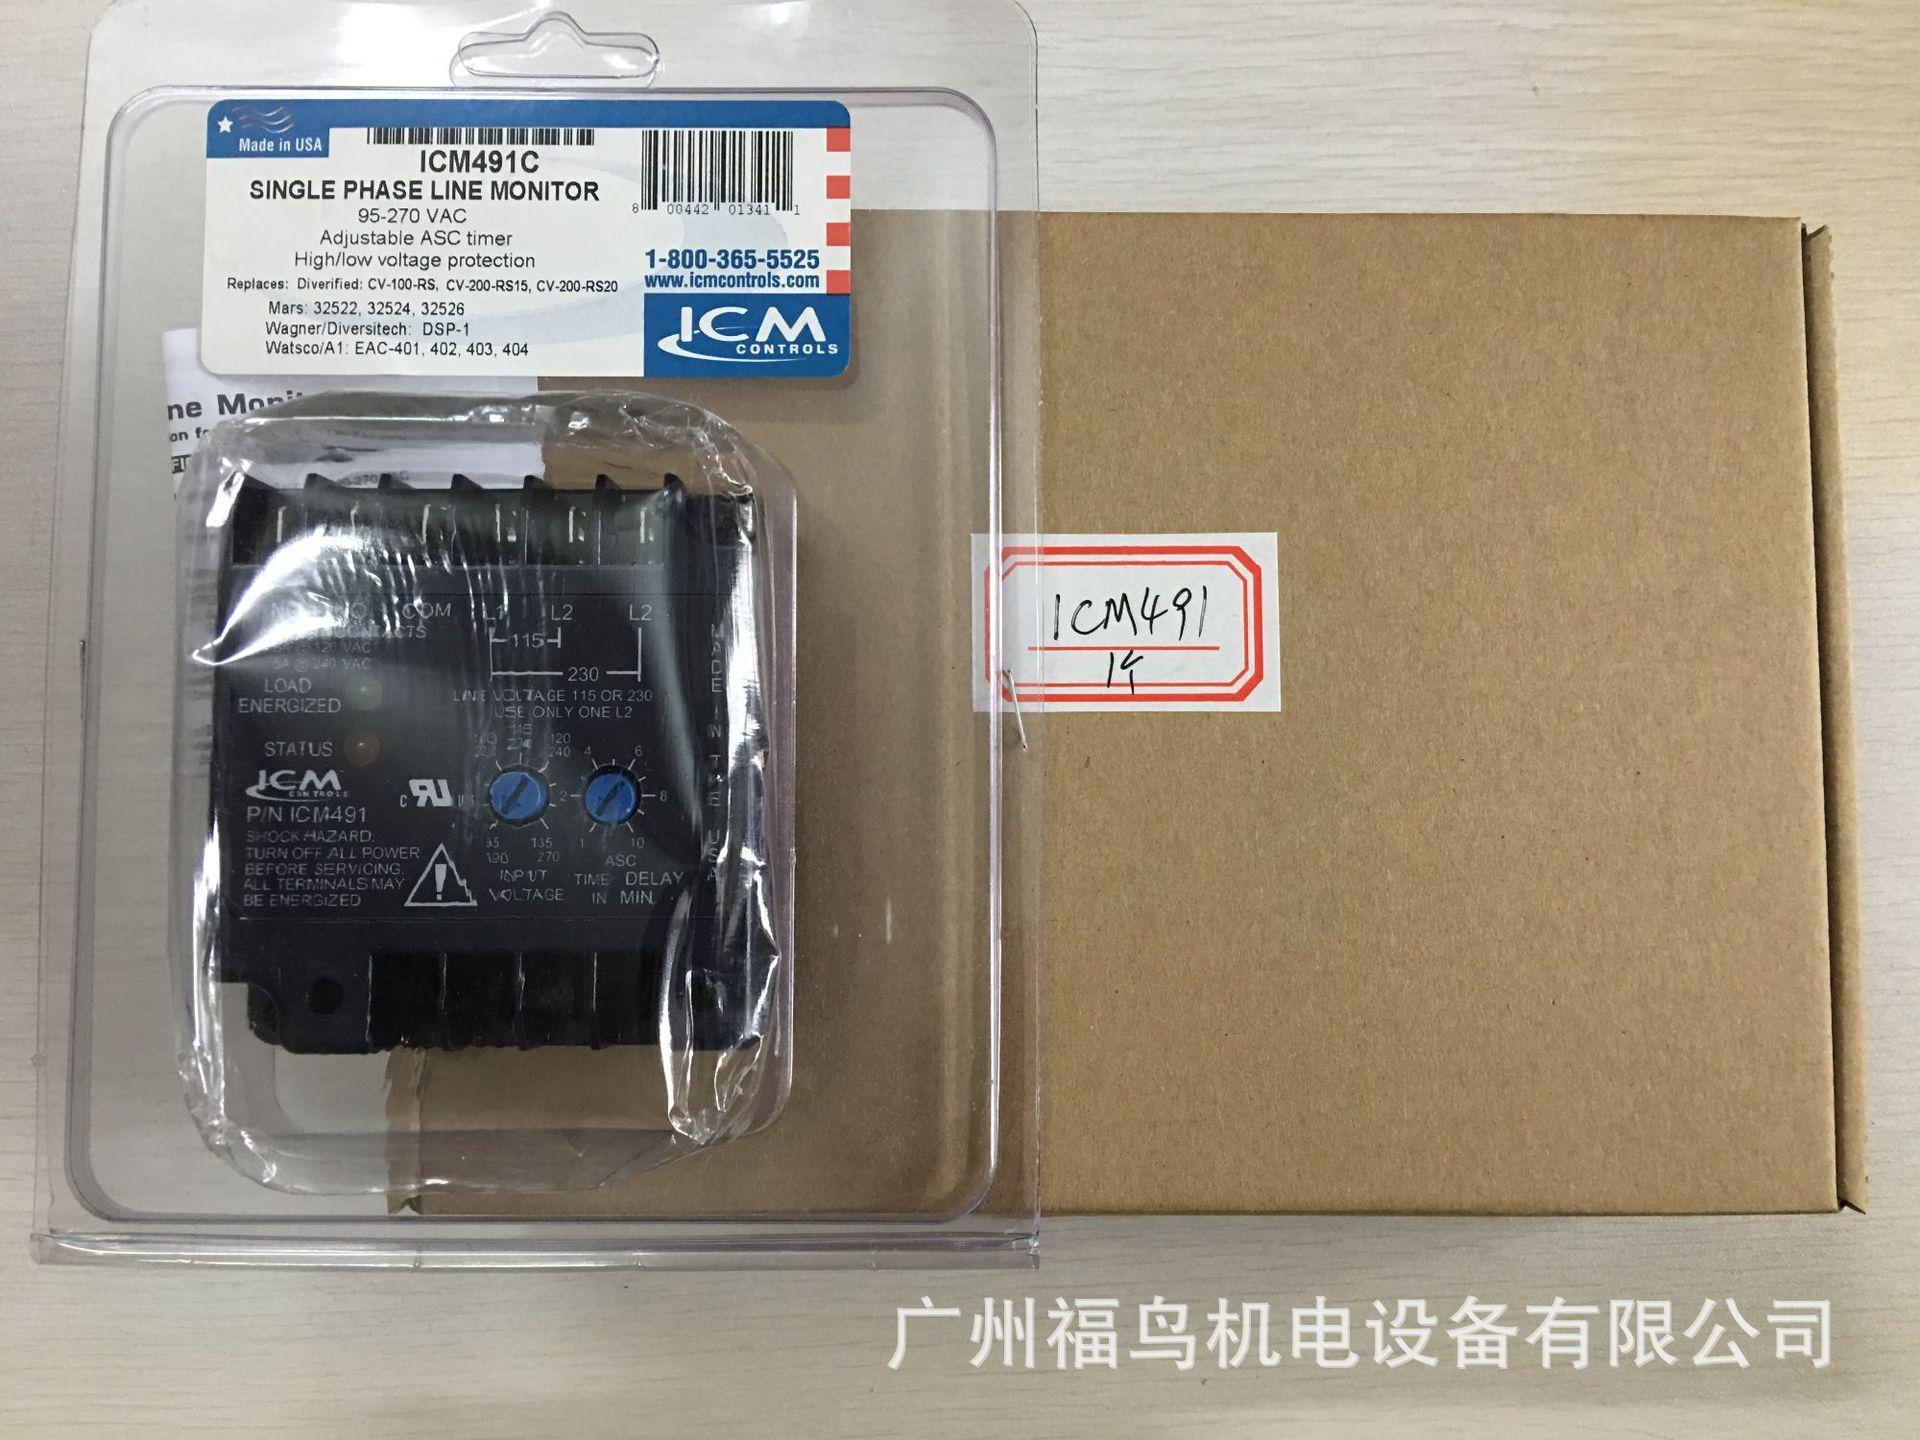 ICM繼電器, 型號: ICM491